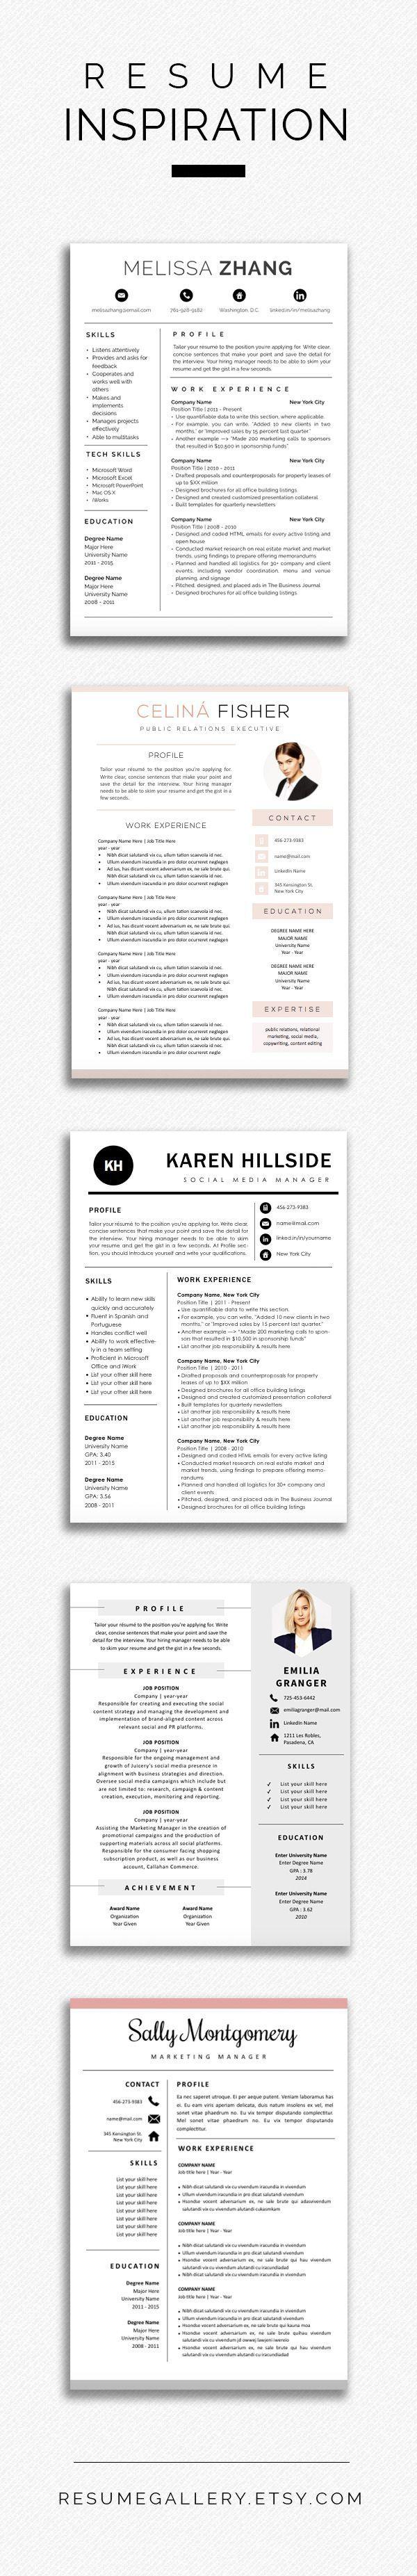 Die besten 25+ Professional portfolio examples Ideen auf Pinterest